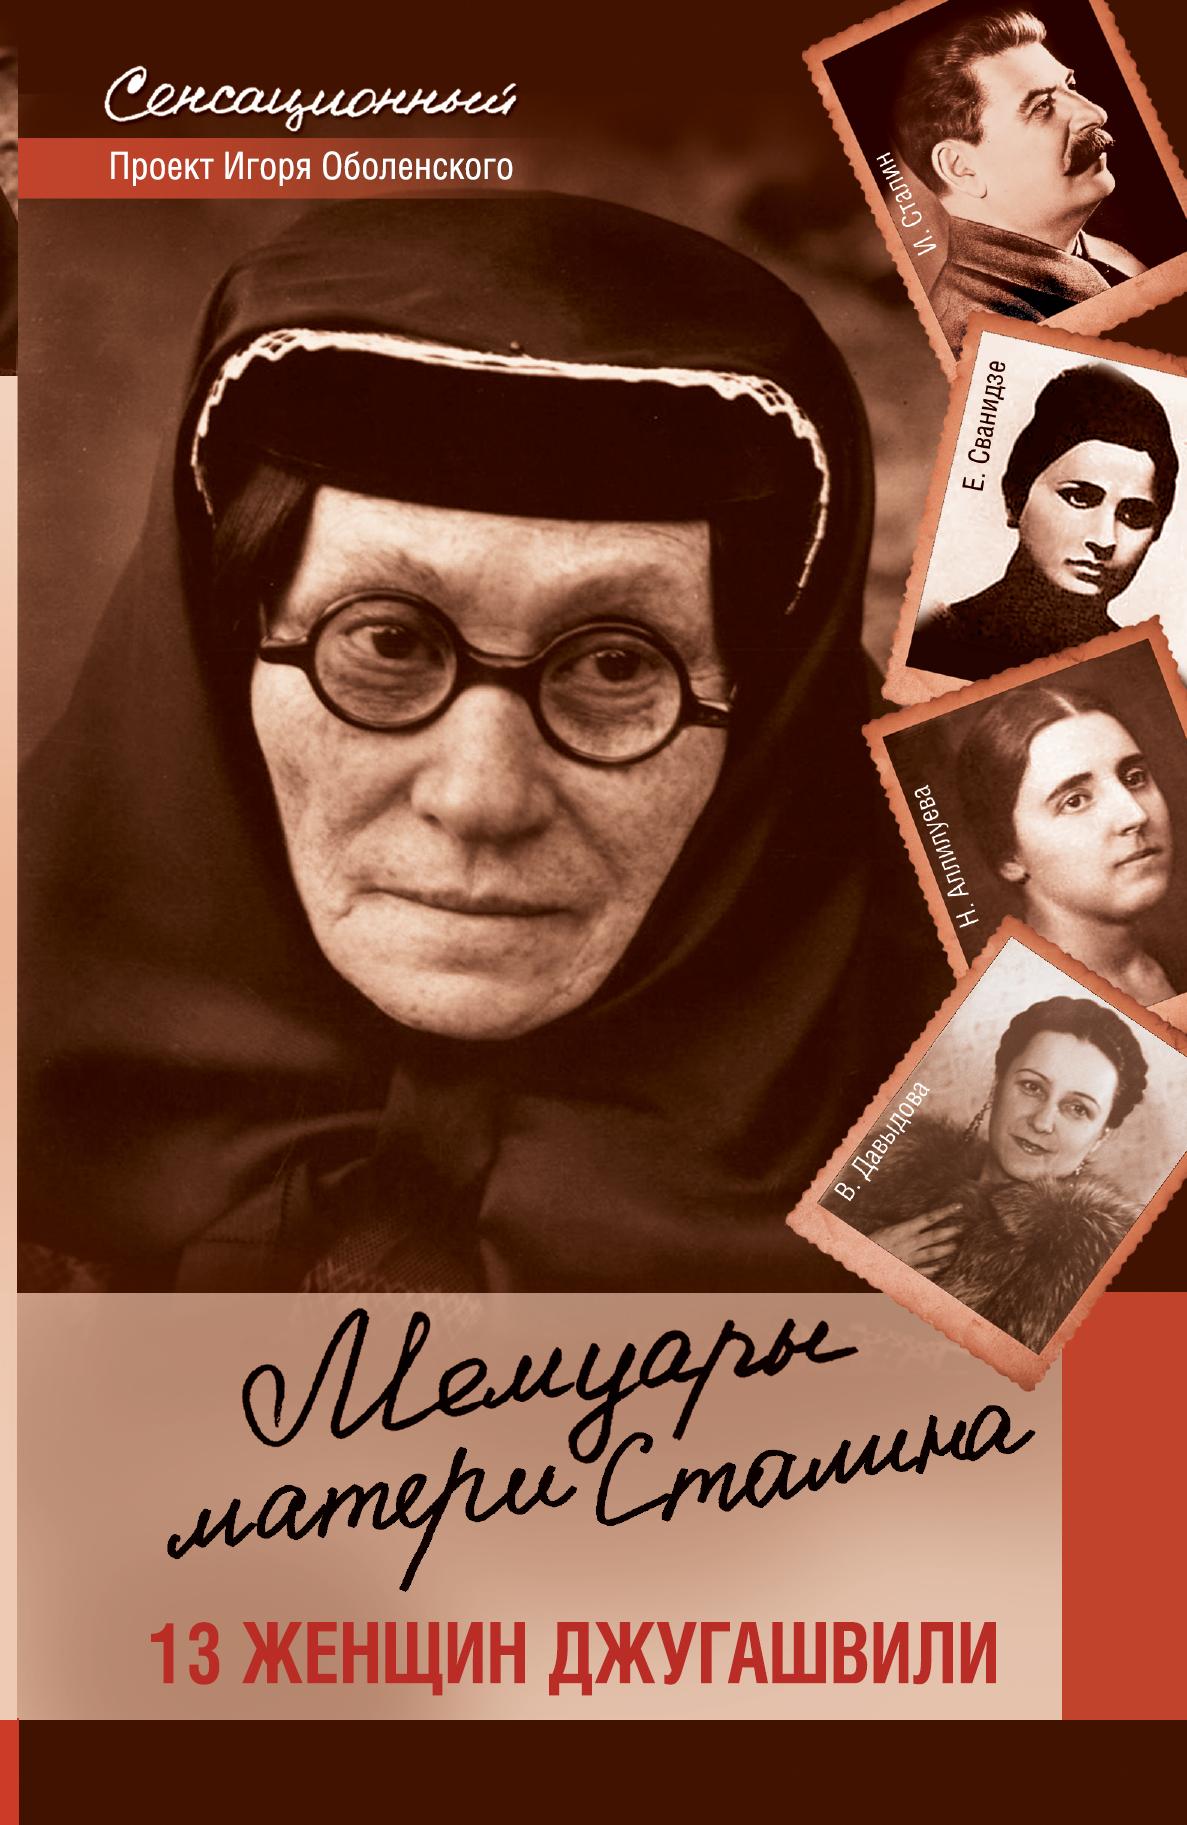 Оболенский И.В. Мемуары матери Сталина. 13 женщин Джугашвили плигина я ред мемуары матери сталина 13 женщин джугашвили